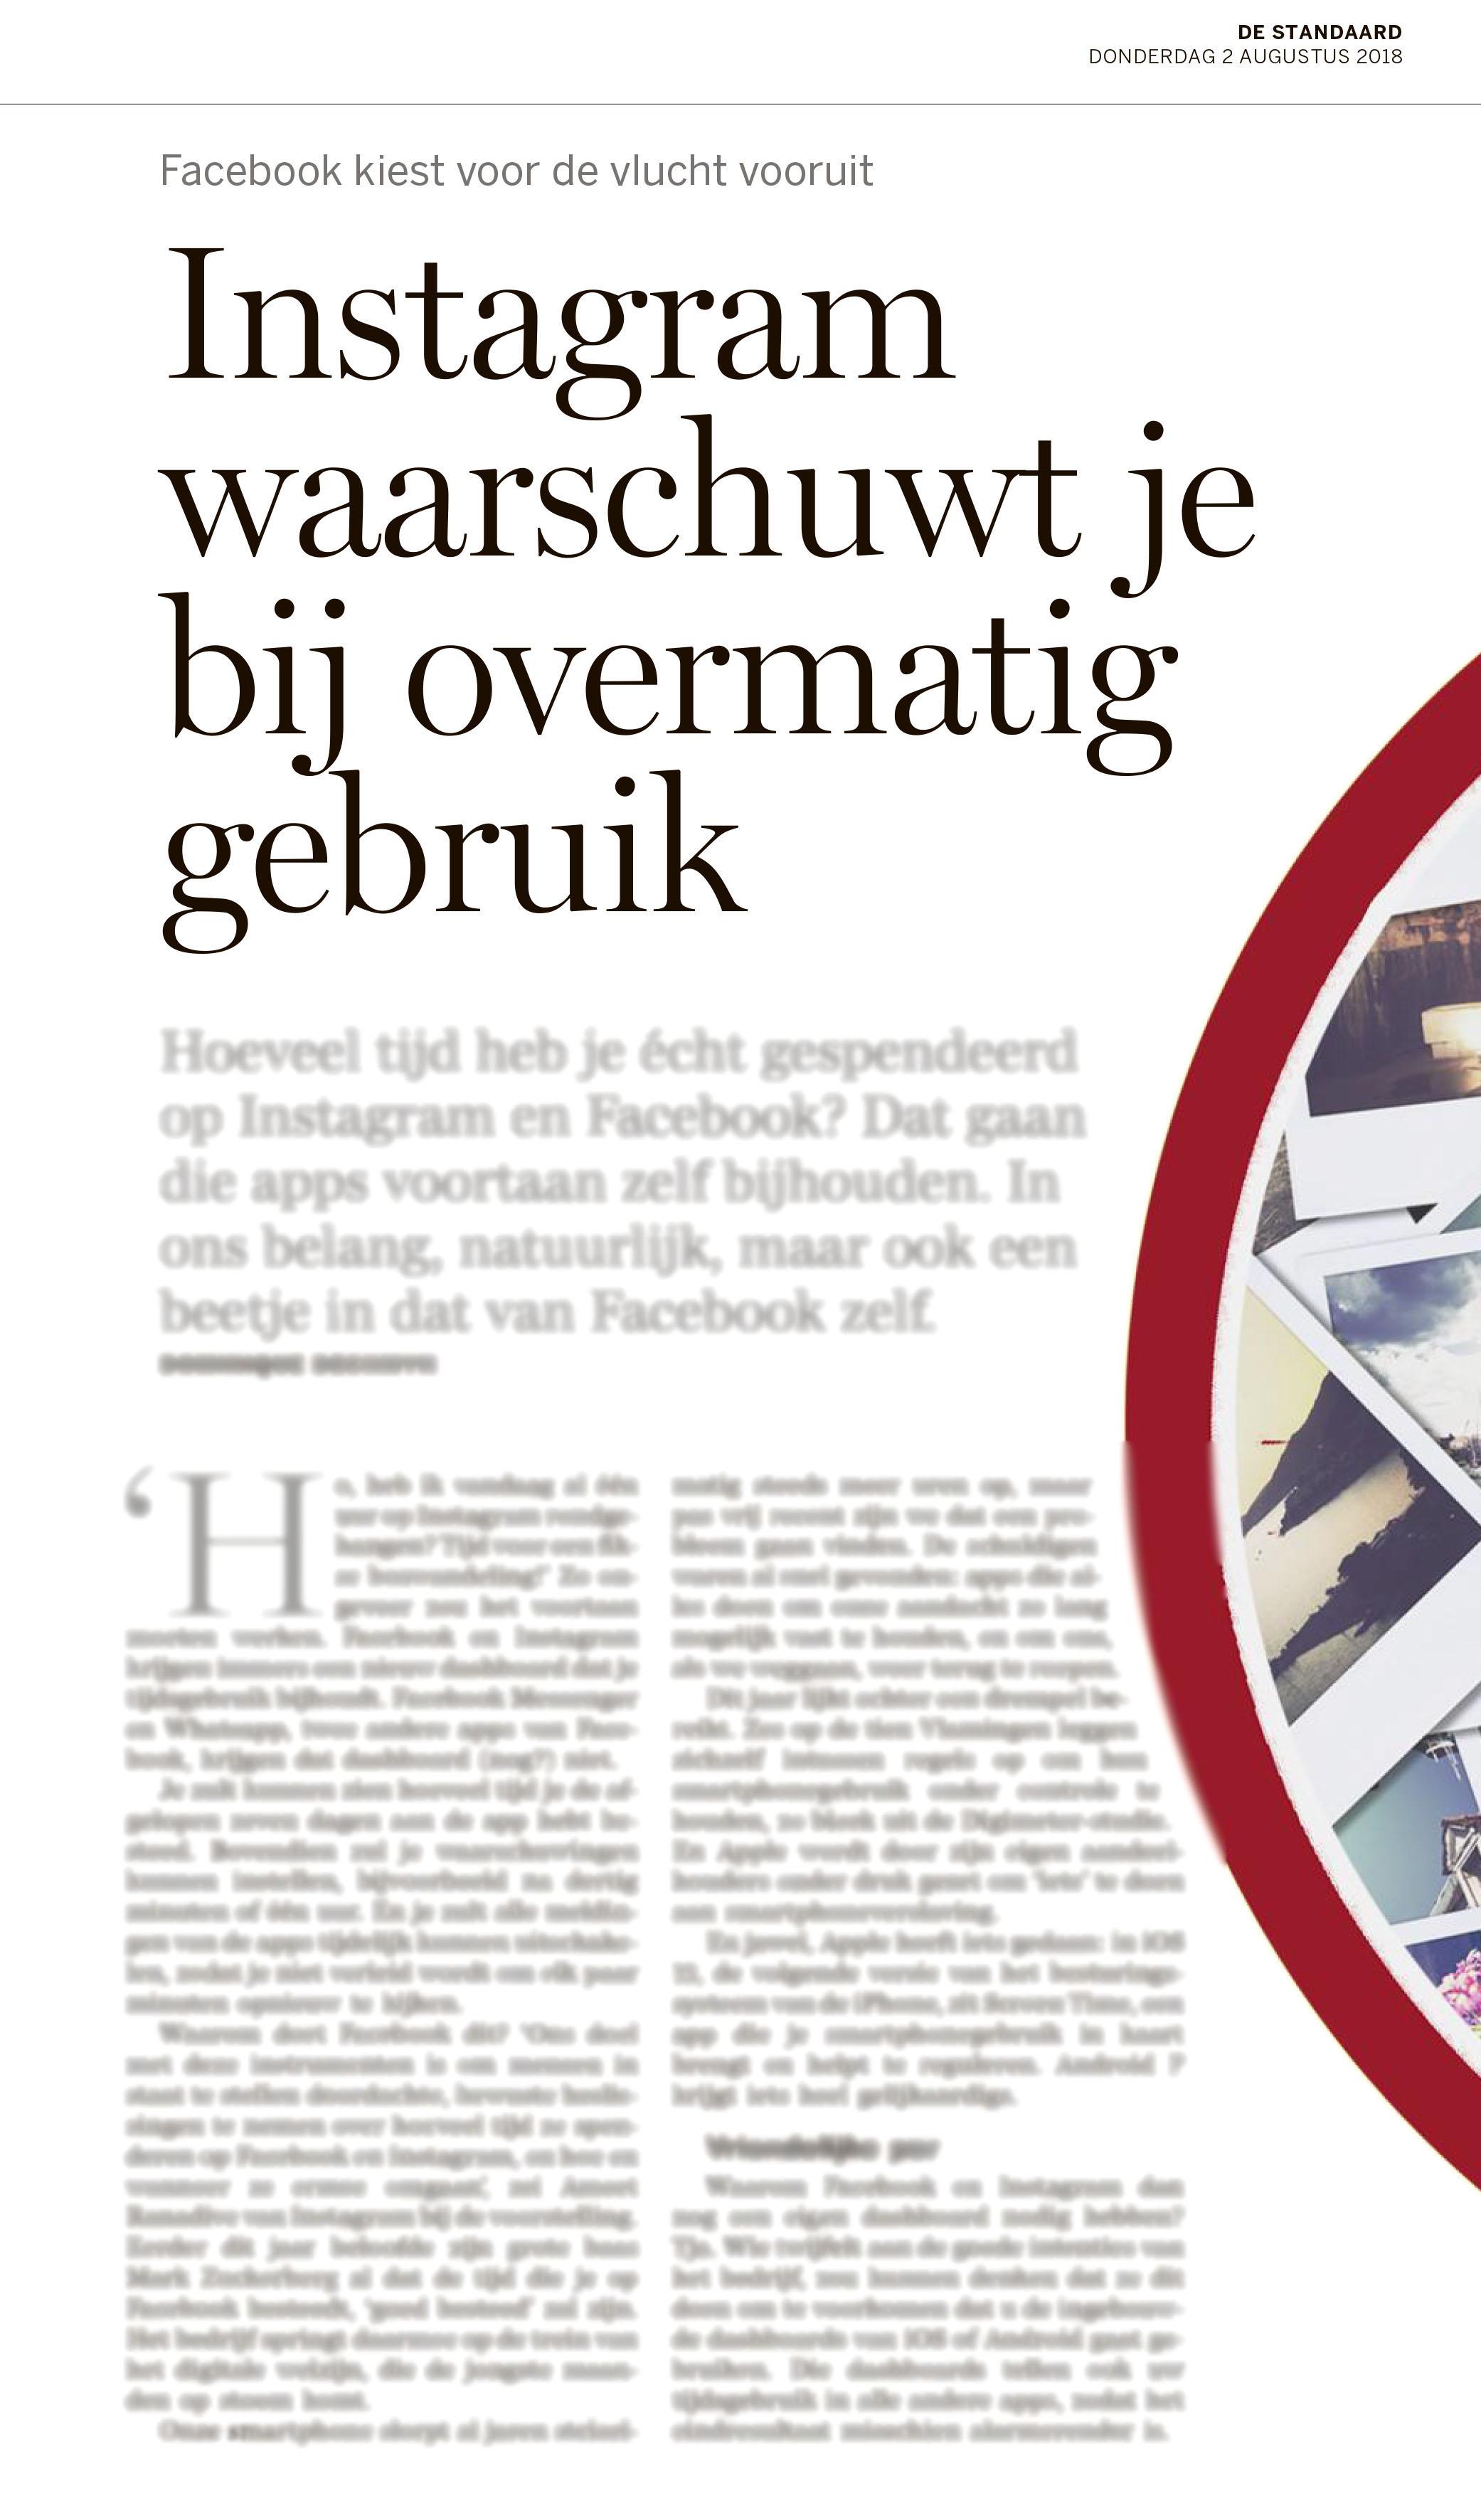 BRON: De Standaard, 02/08/2018, p 2